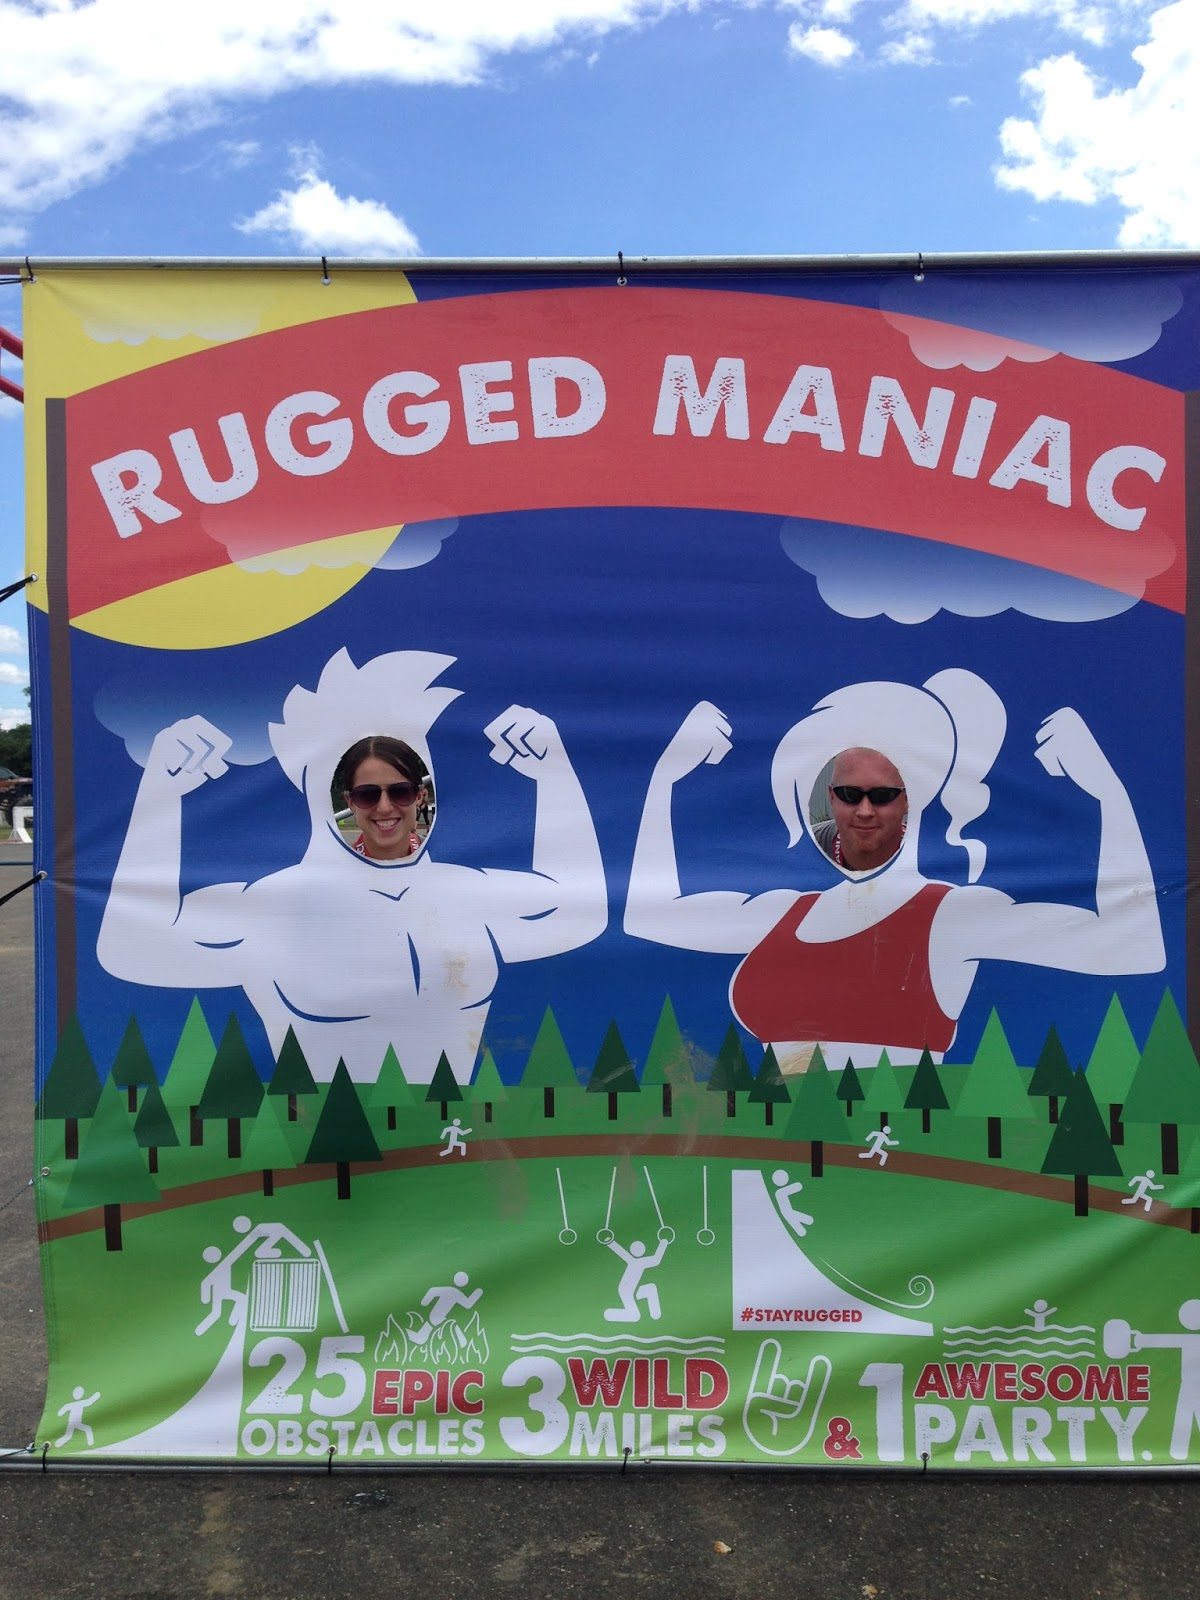 Rugged Maniac Nj 2016